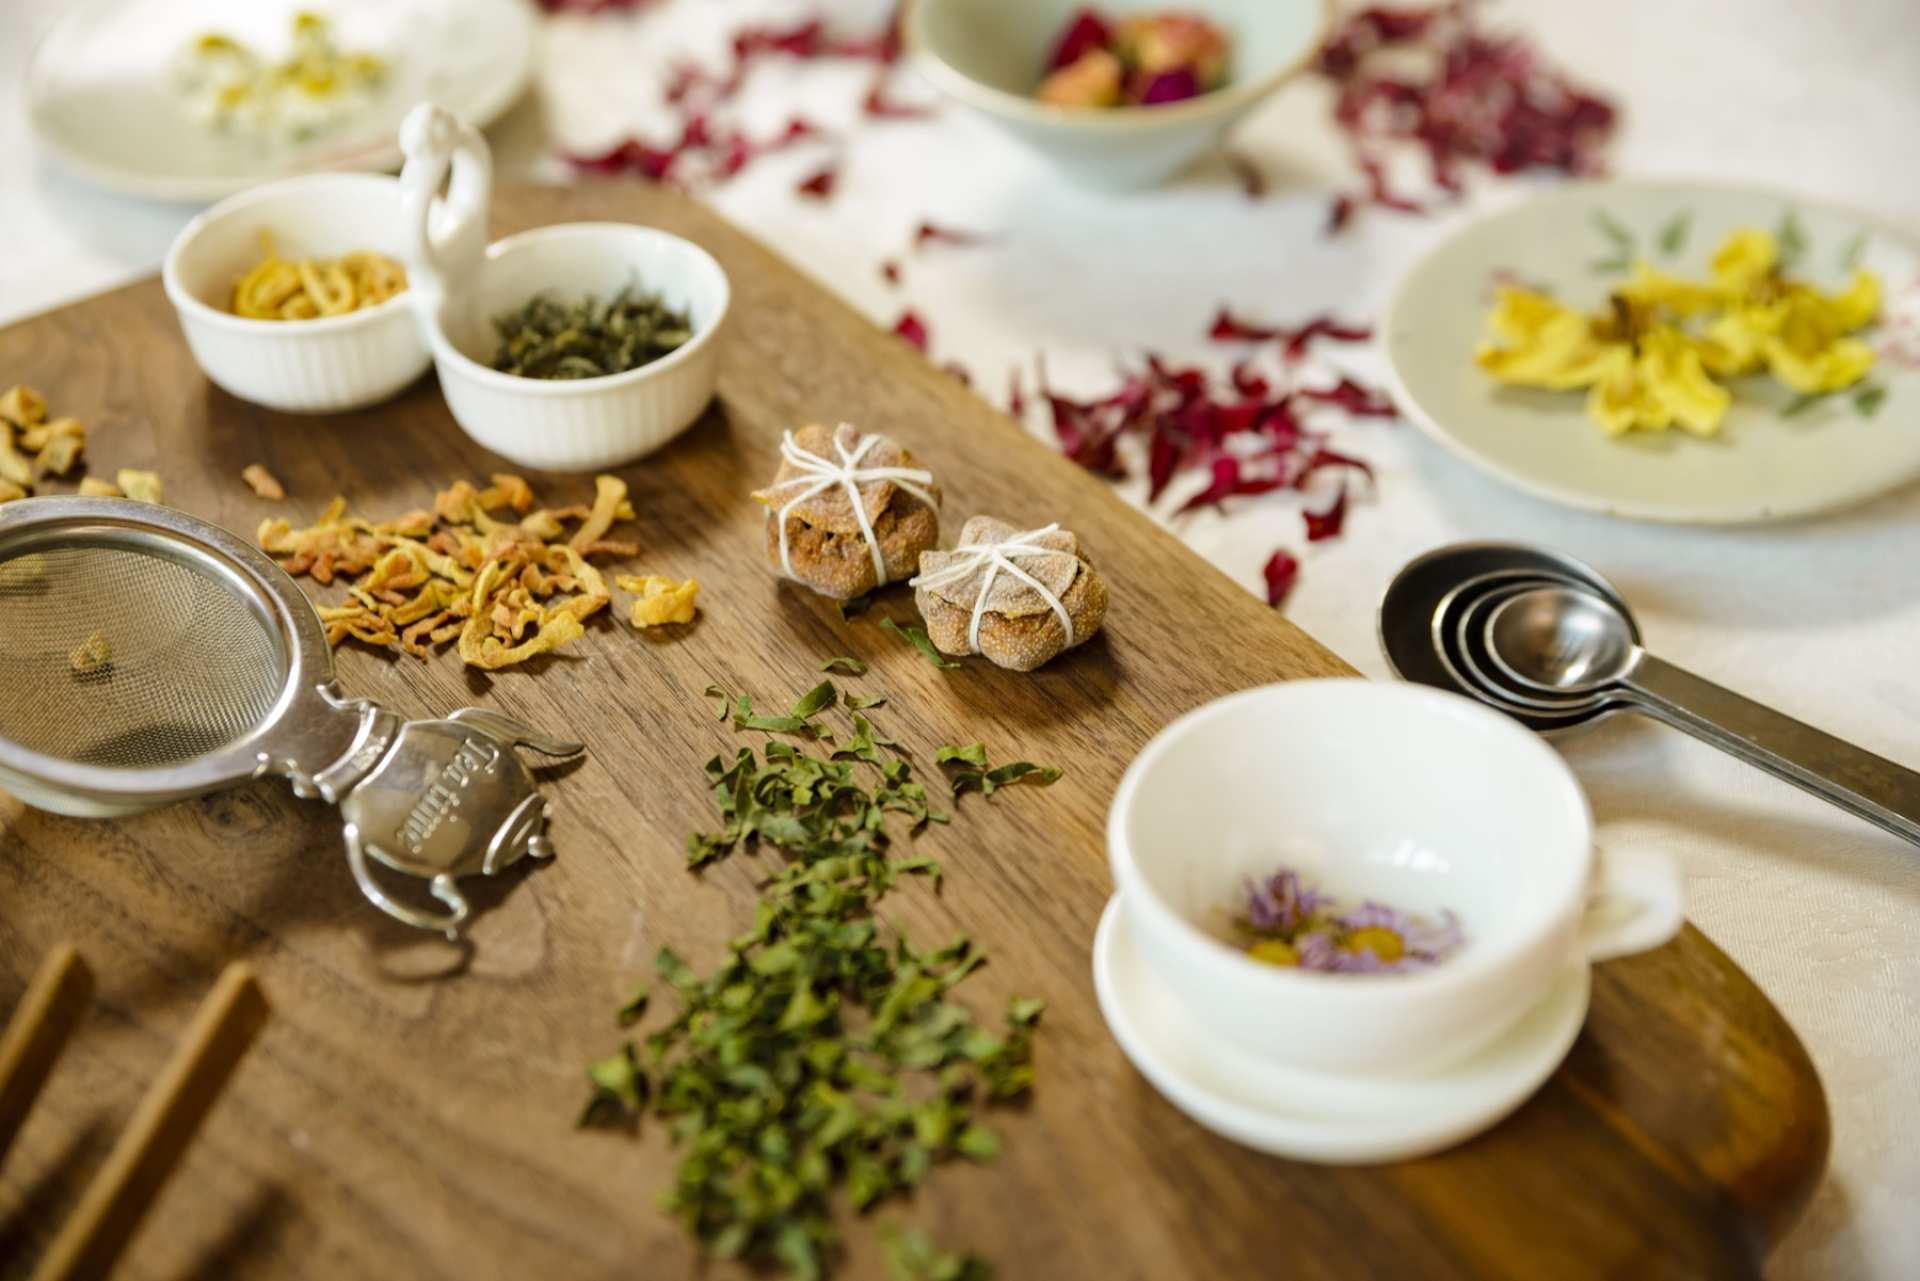 【首爾特色體驗】試飲花草茶及韓式傳統茶點製作體驗